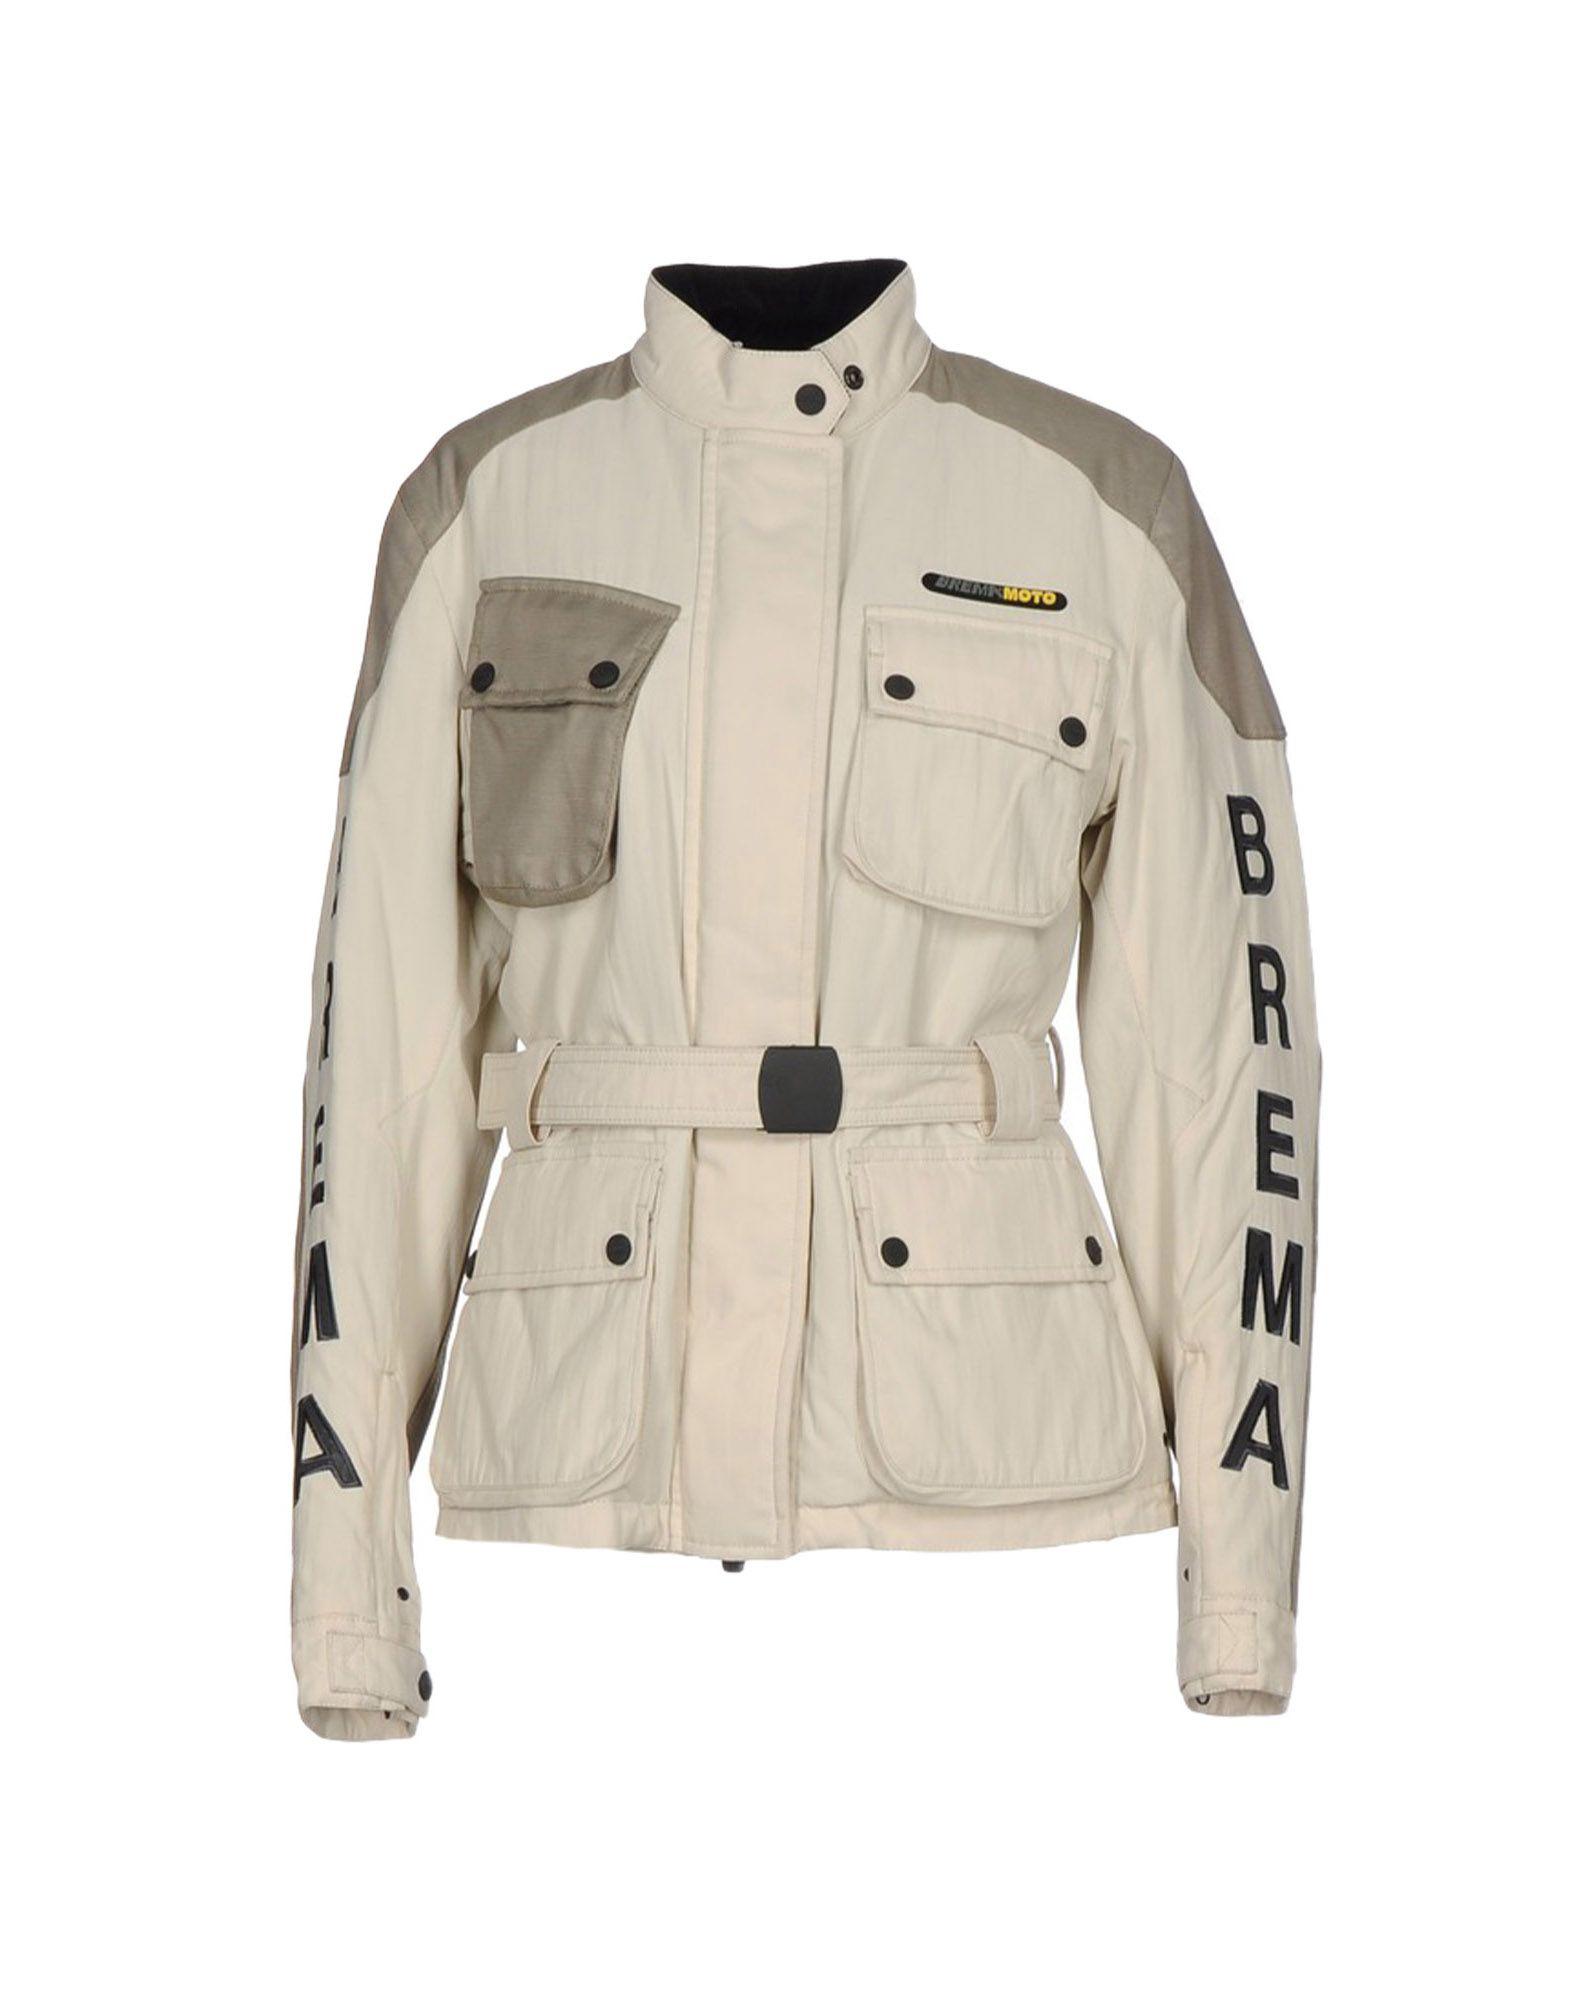 《送料無料》BREMA レディース ブルゾン ベージュ 42 ナイロン 100% / ケブラー